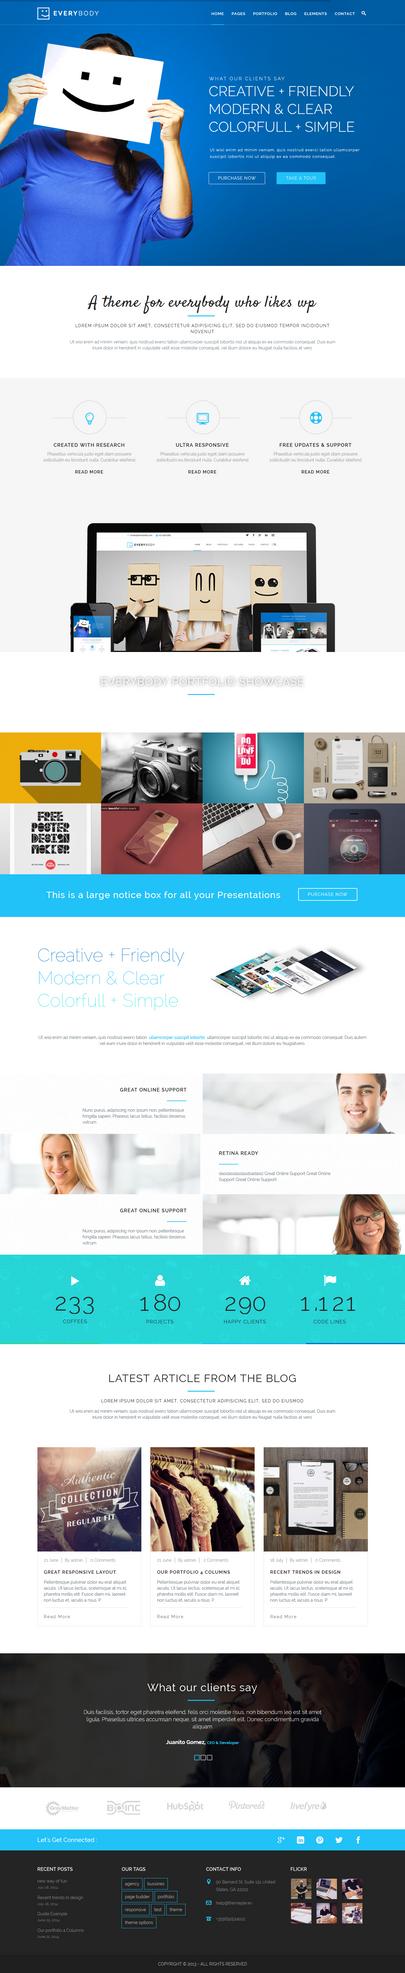 Everybody - Creative WordPress Theme by sandracz